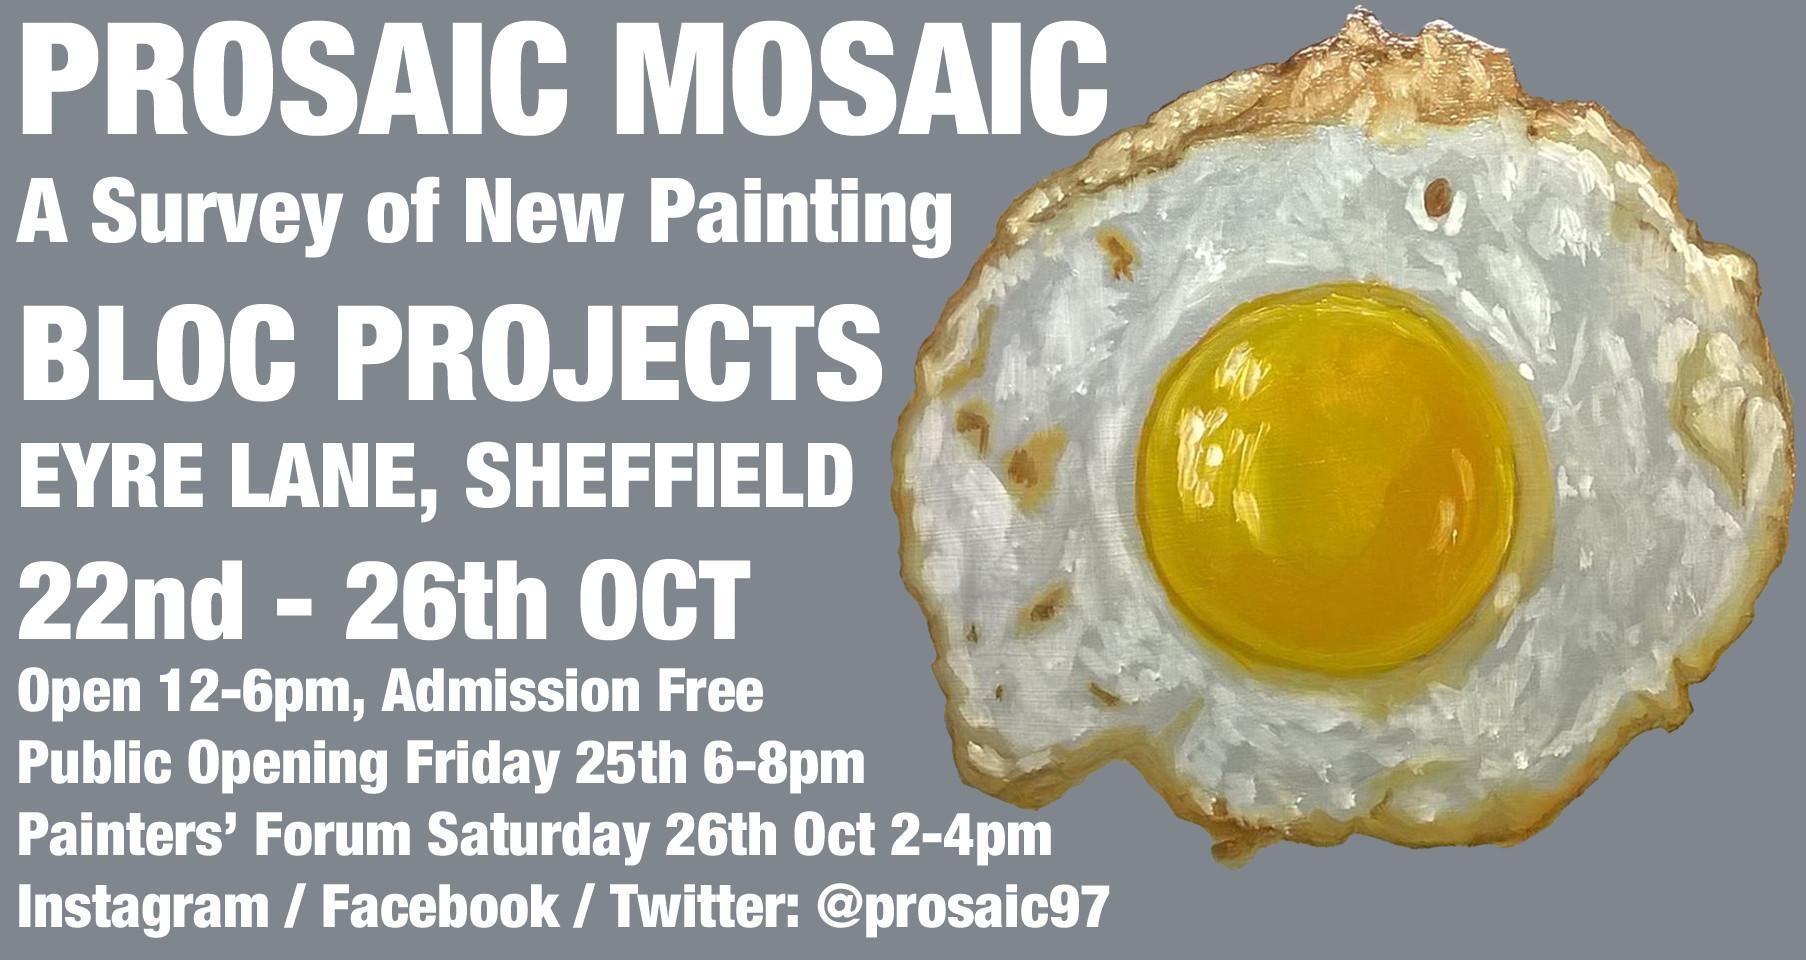 Prosaic Mosaic e-flier.jpg